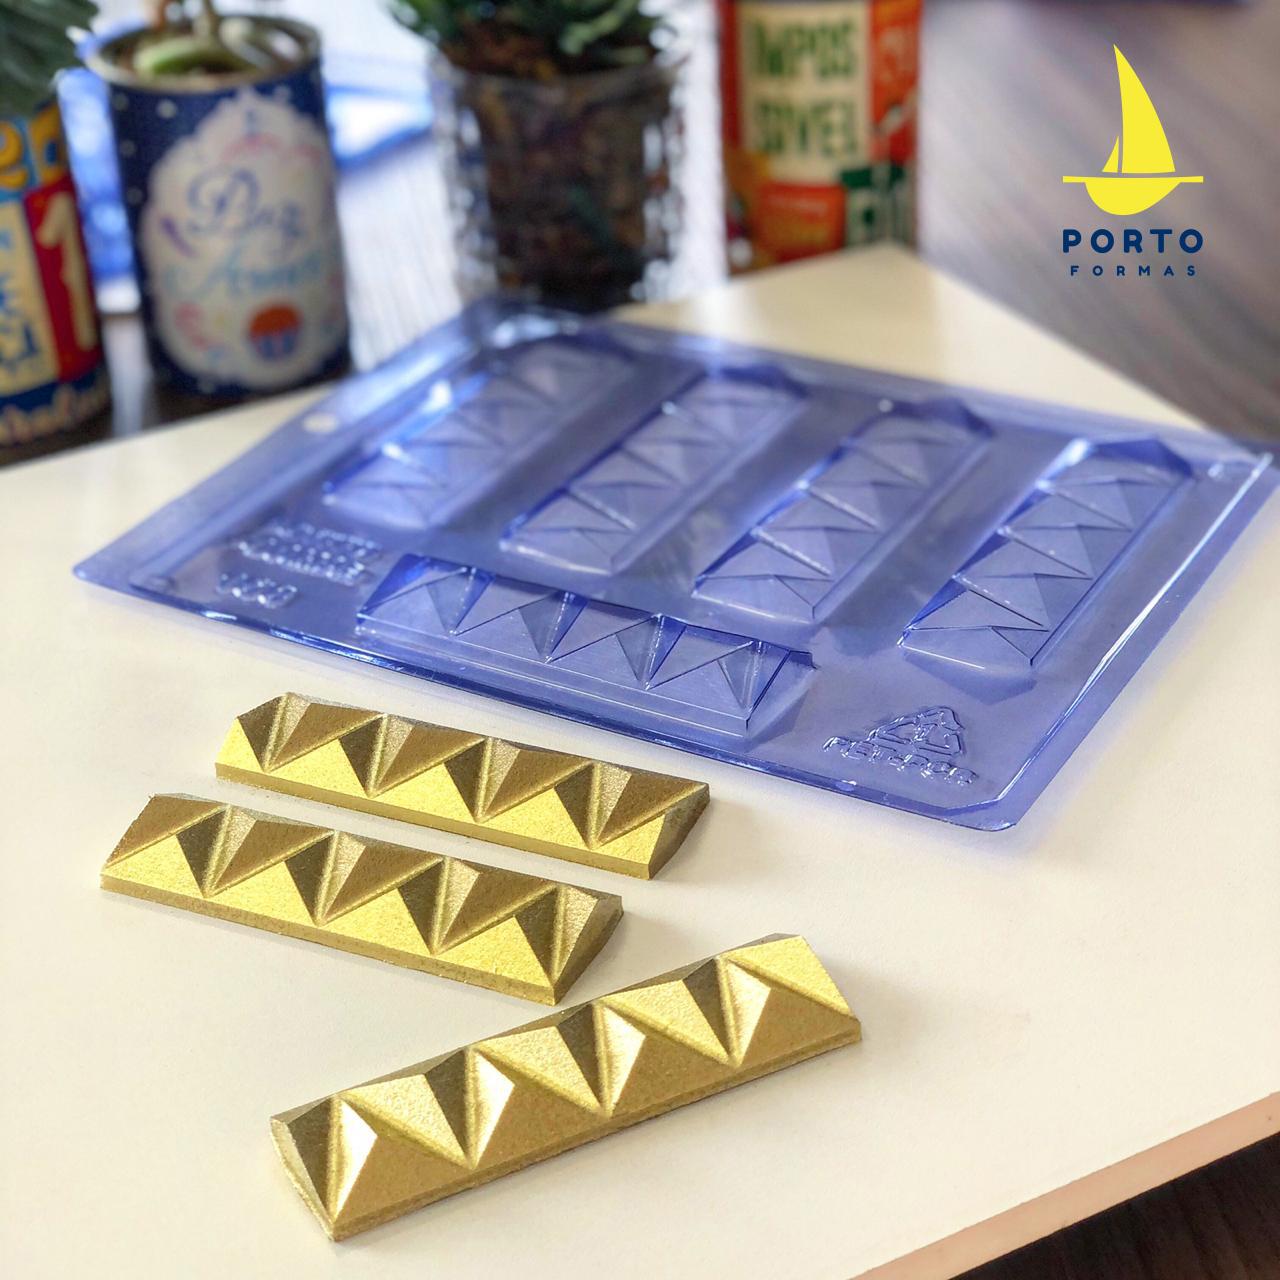 Imagen de producto: https://tienda.postreadiccion.com/img/articulos/secundarias14046-molde-158-portoformas-barras-geometricas-1.jpeg